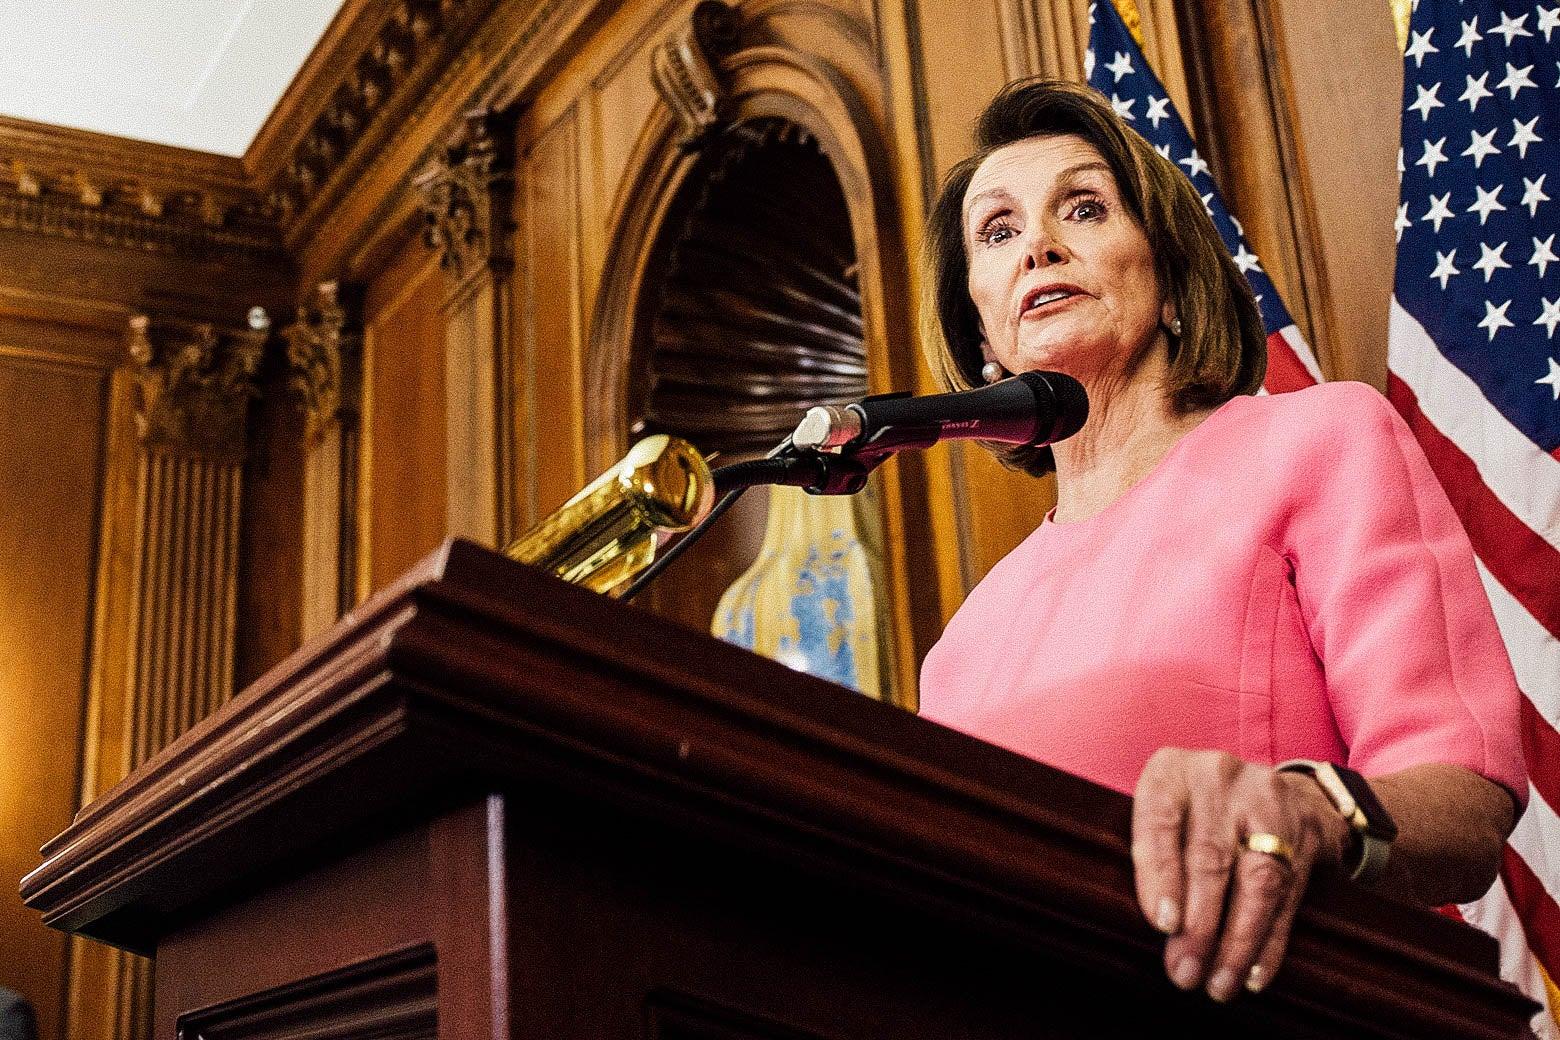 Pelosi speaking at a podium.